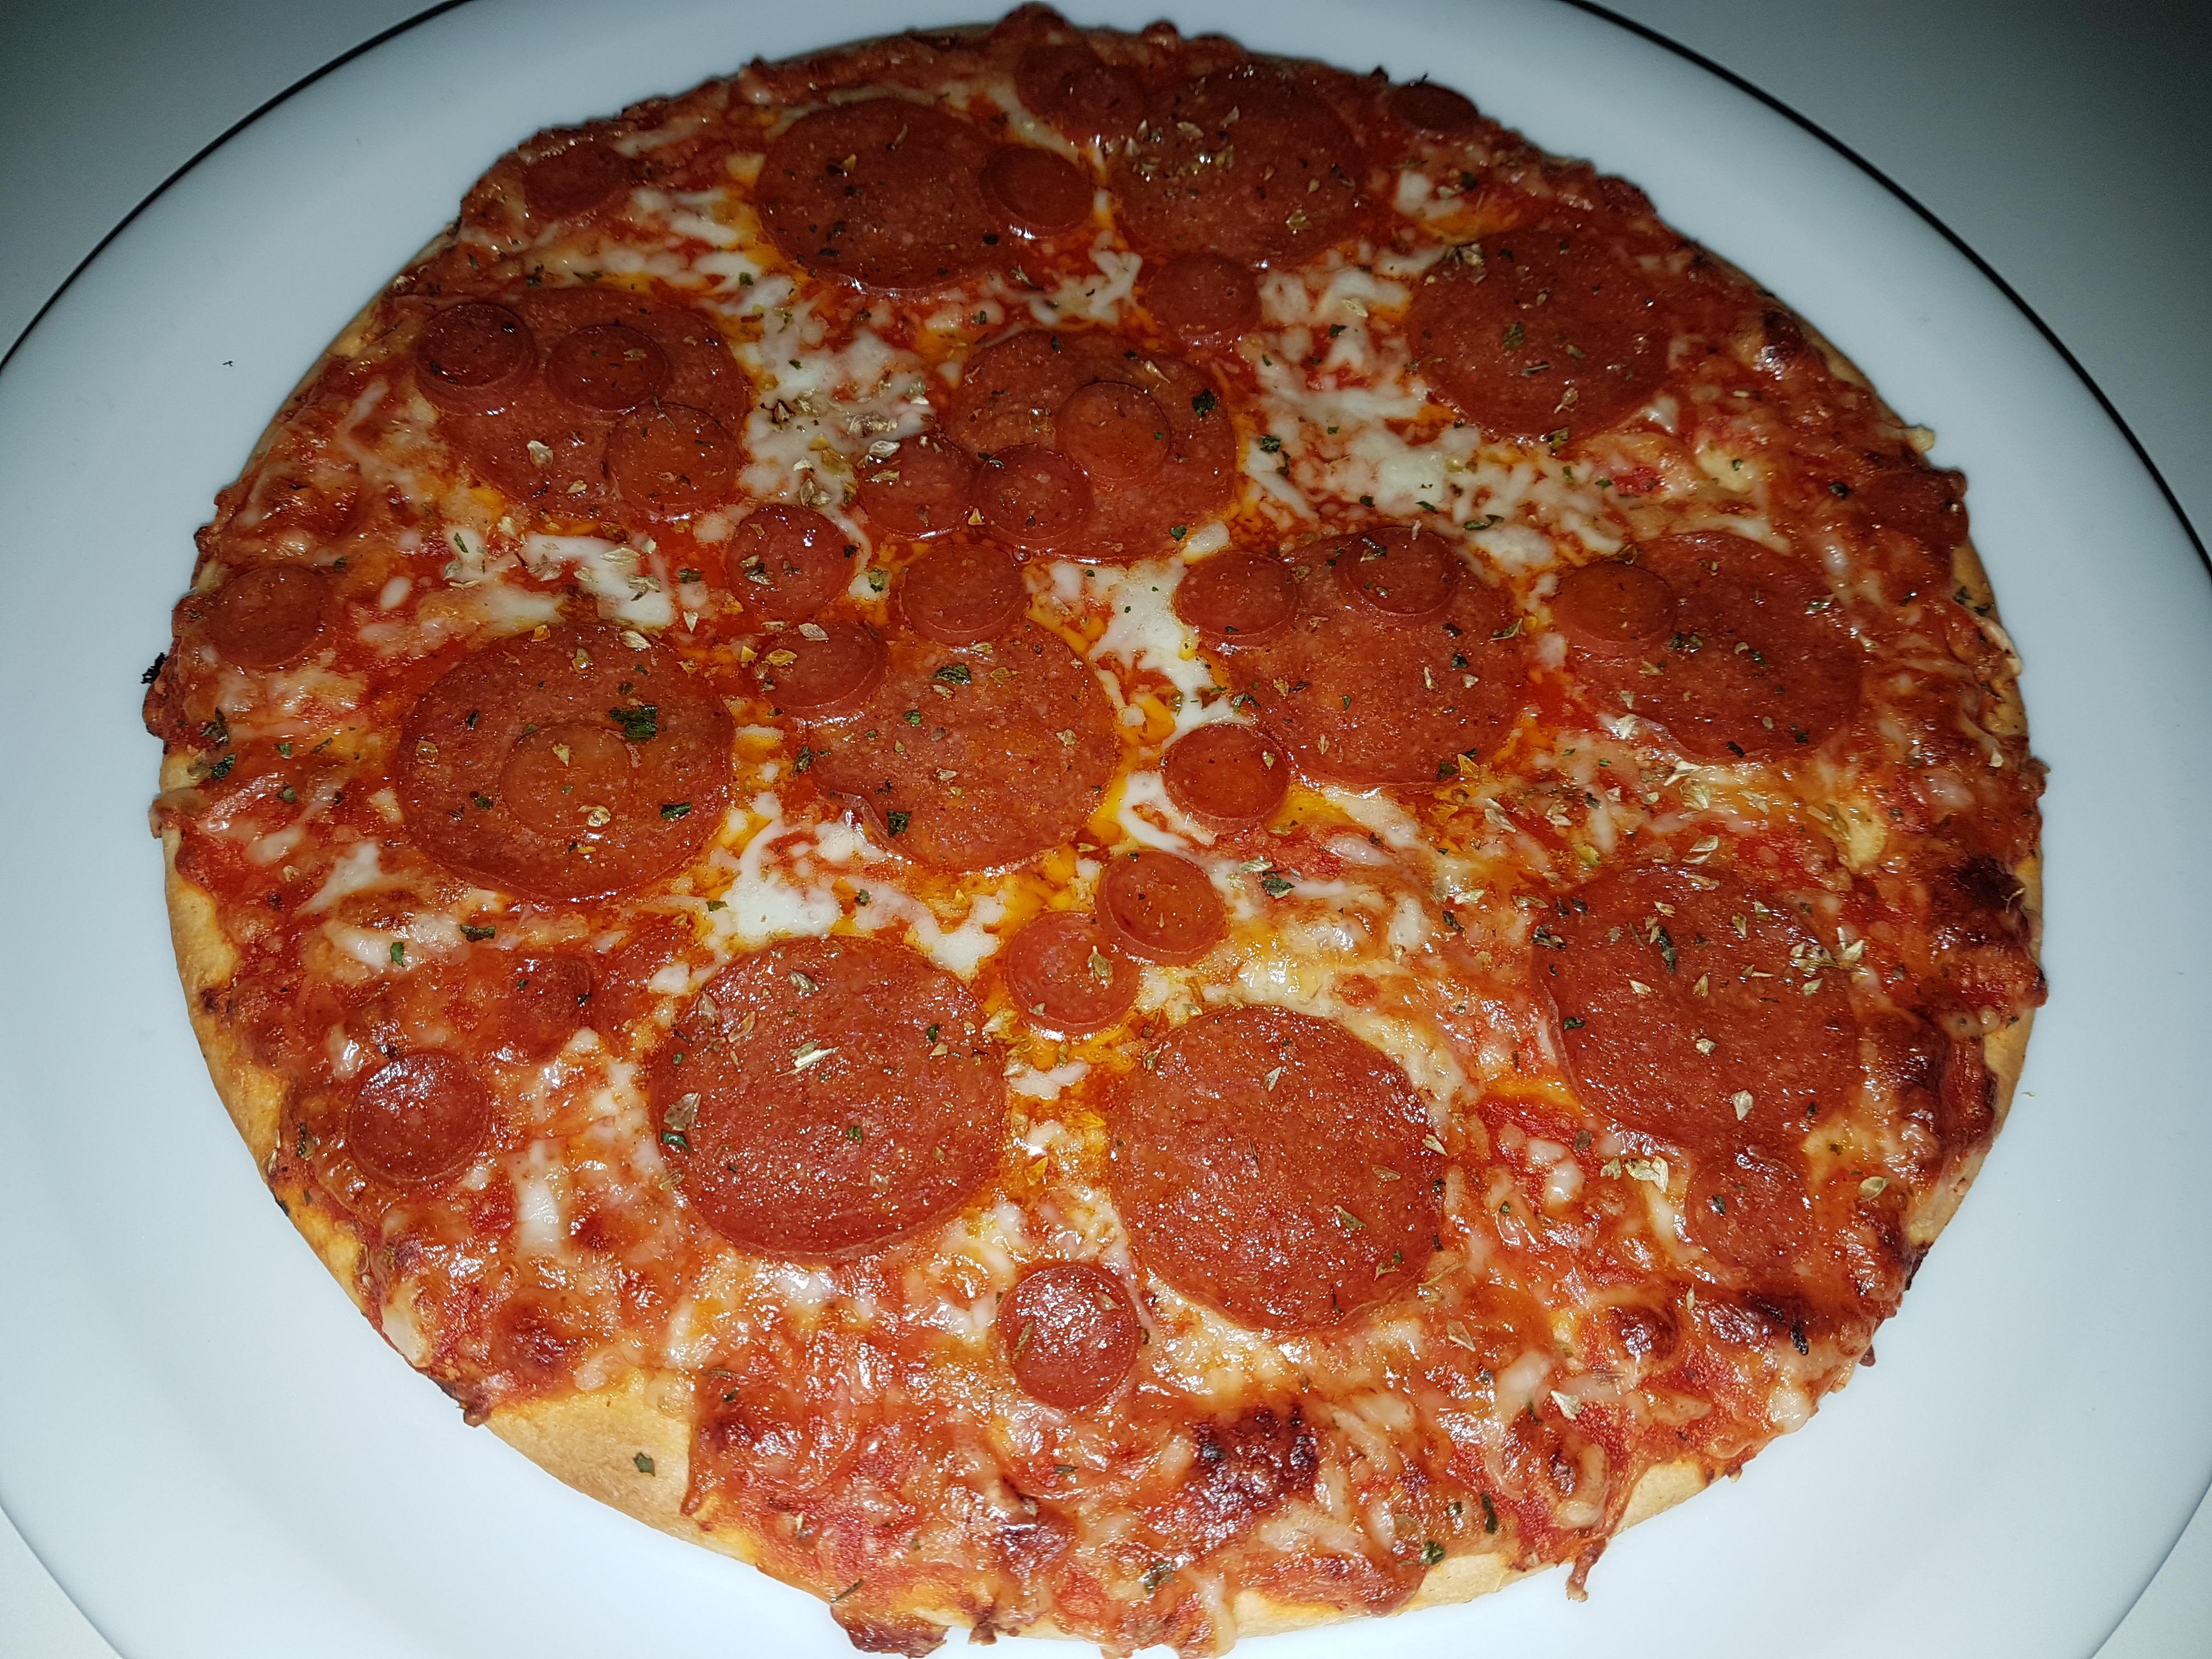 https://foodloader.net/Holz_2018-09-02_Pizza.jpg